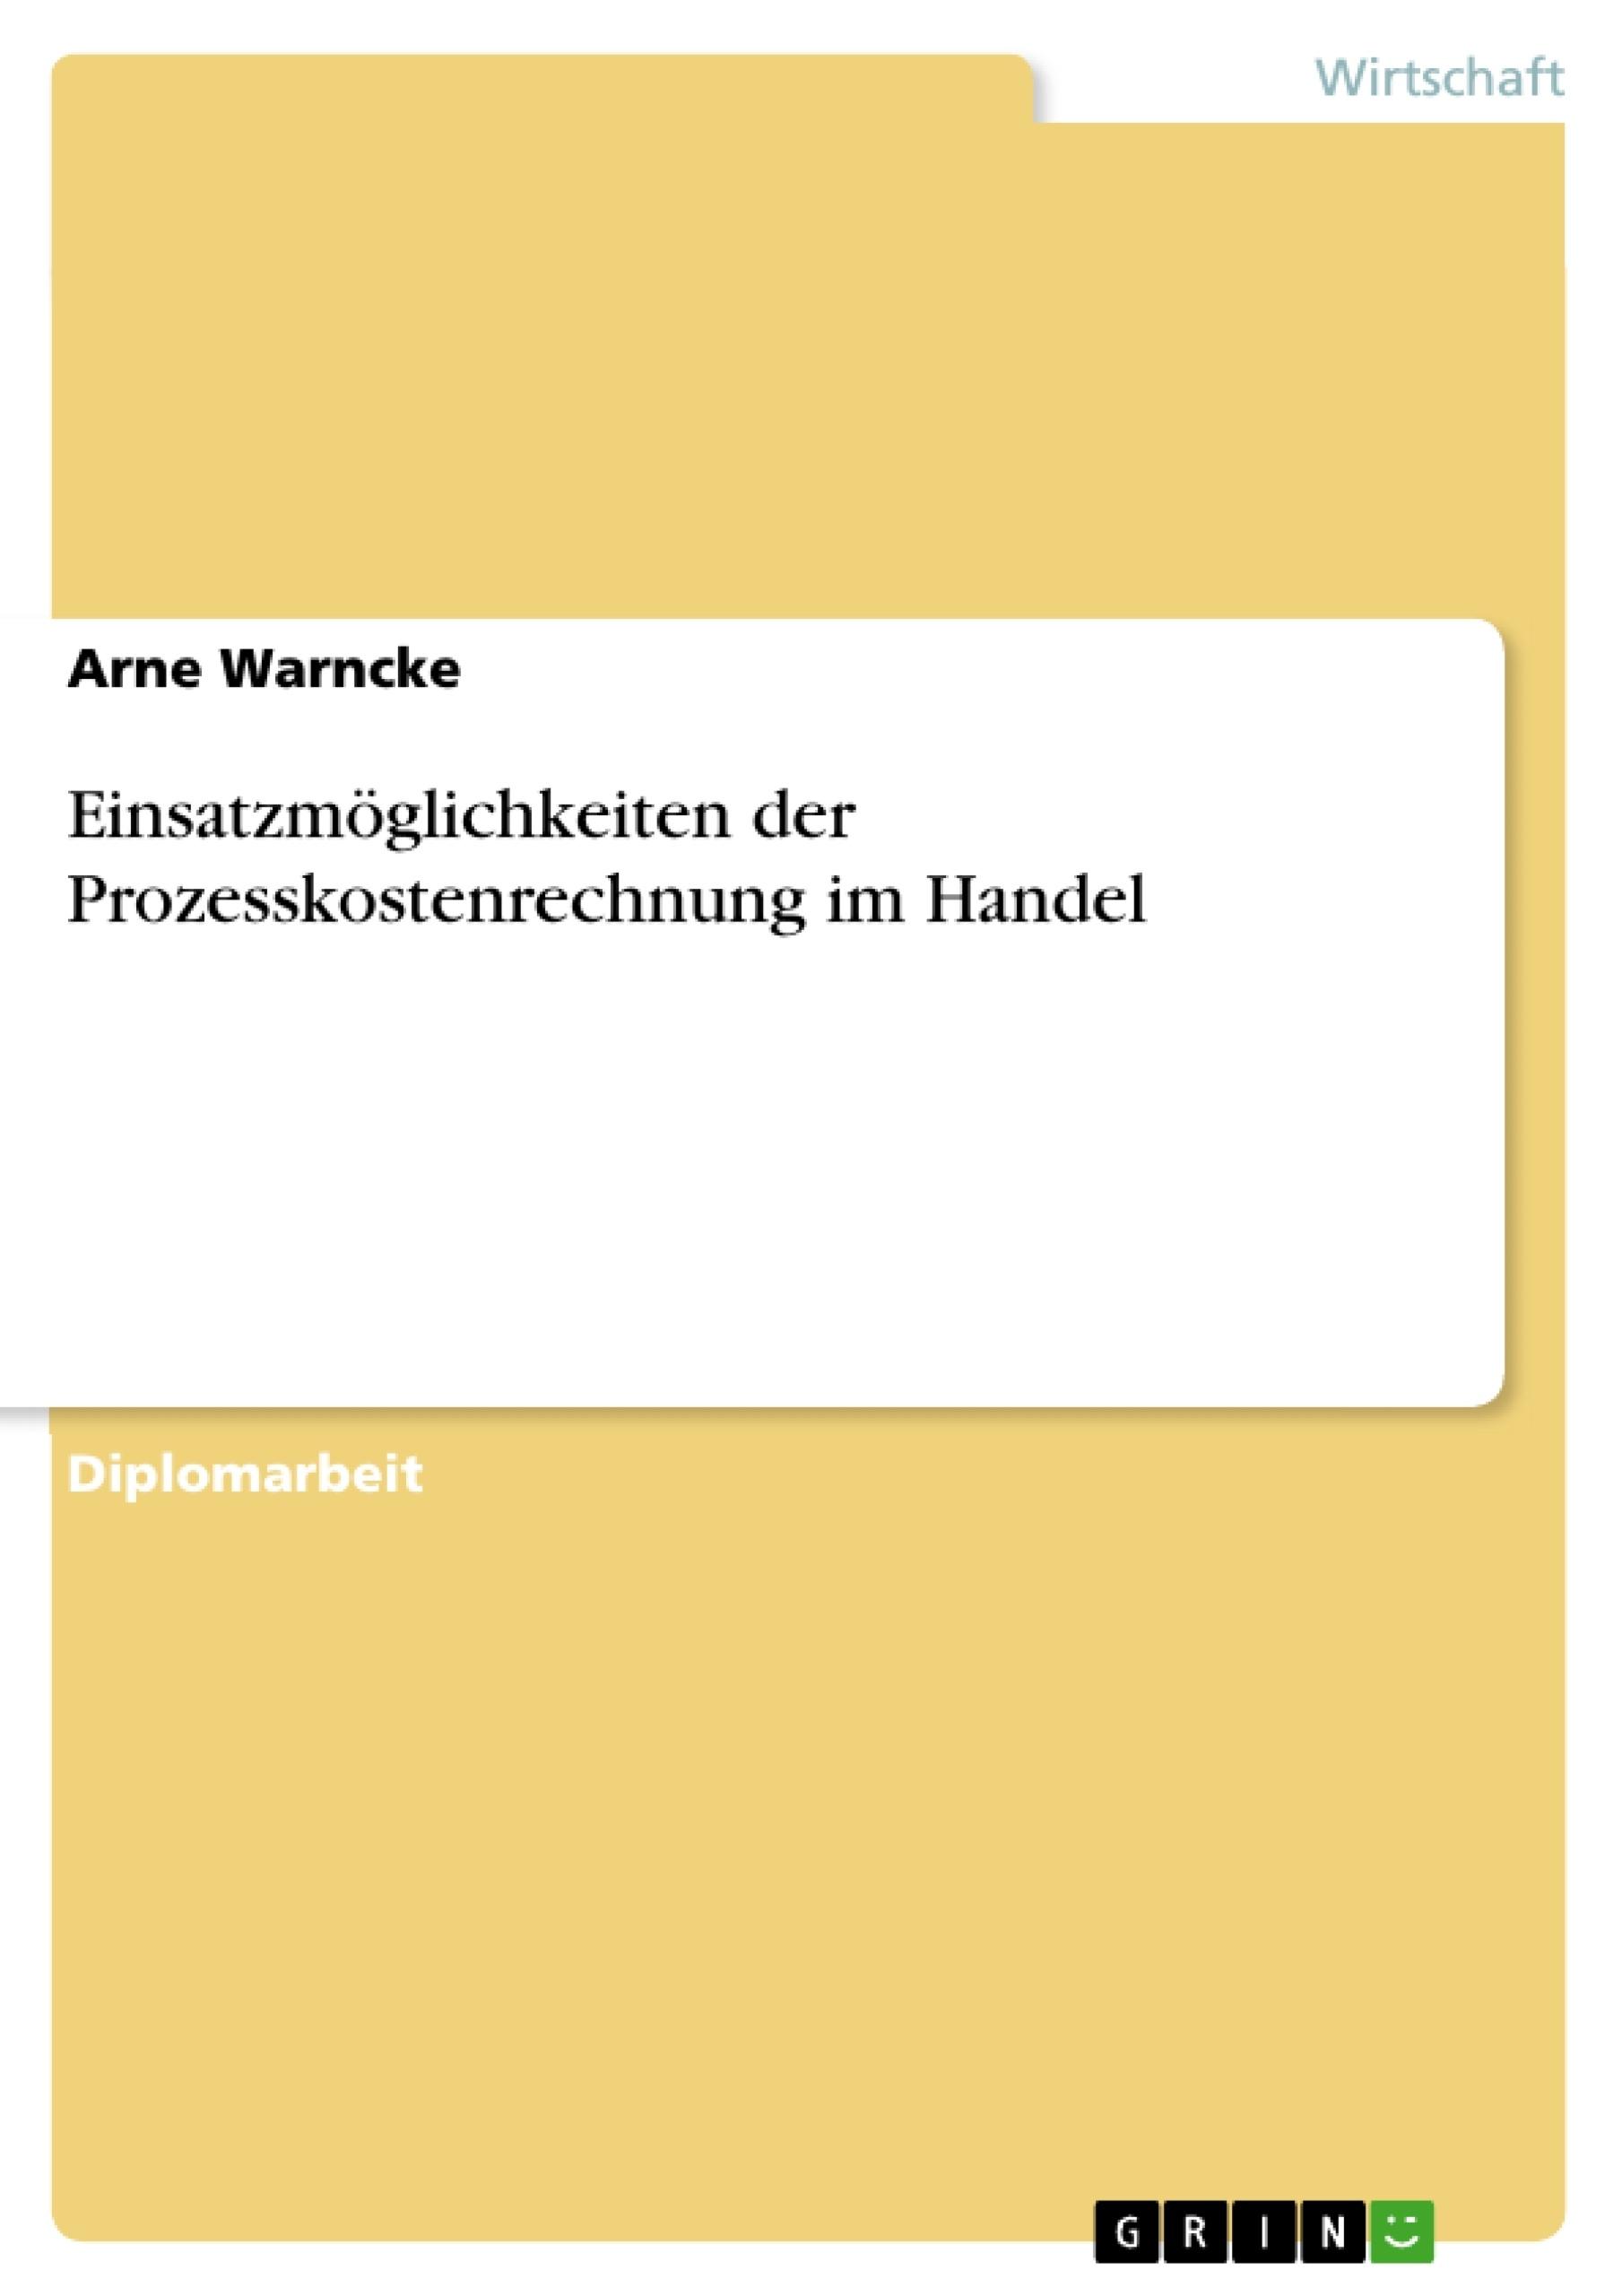 Titel: Einsatzmöglichkeiten der Prozesskostenrechnung im Handel